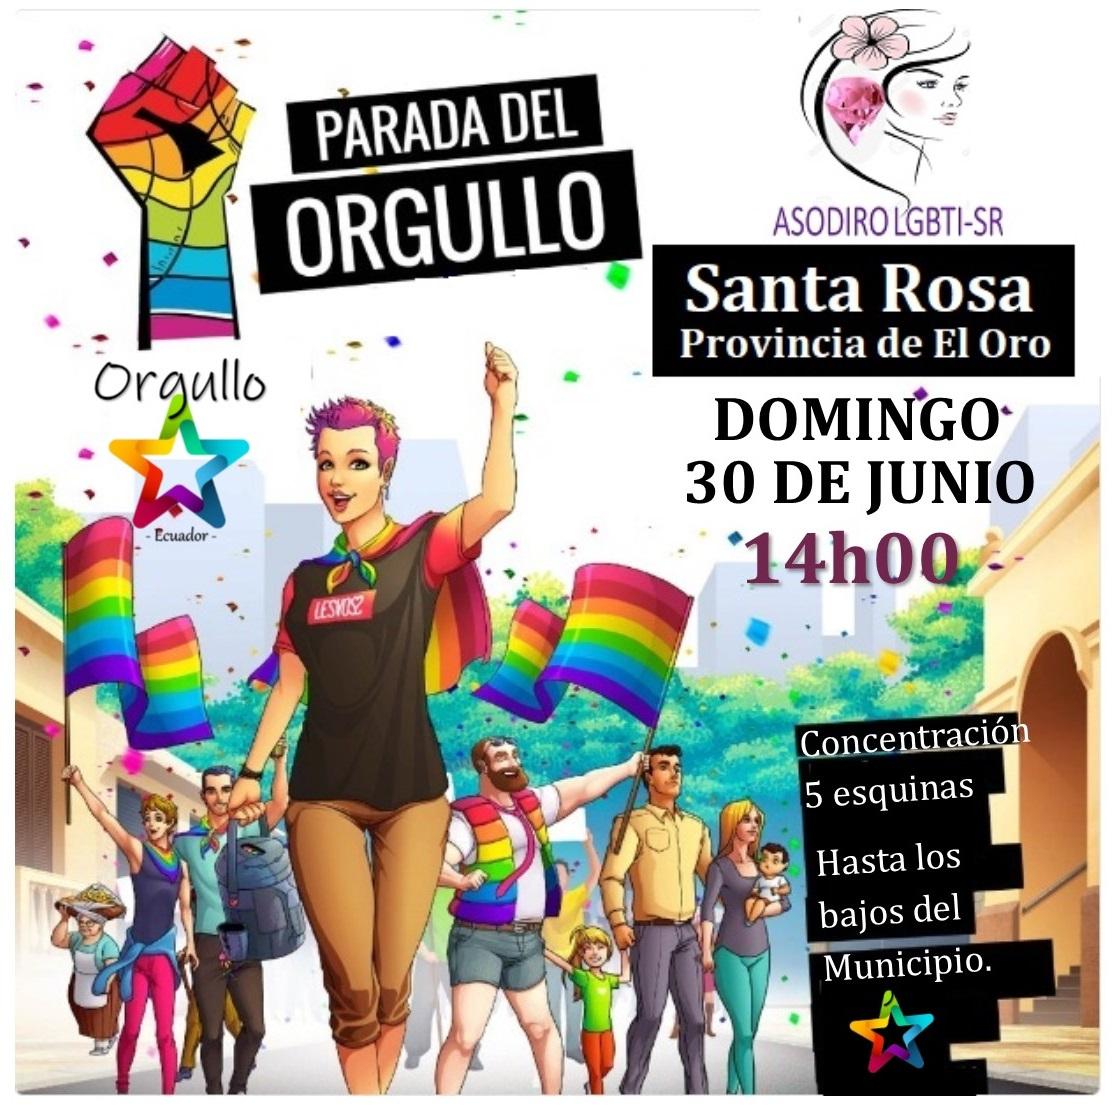 Marcha del Orgullo de Machala - Santa Rosa 2019